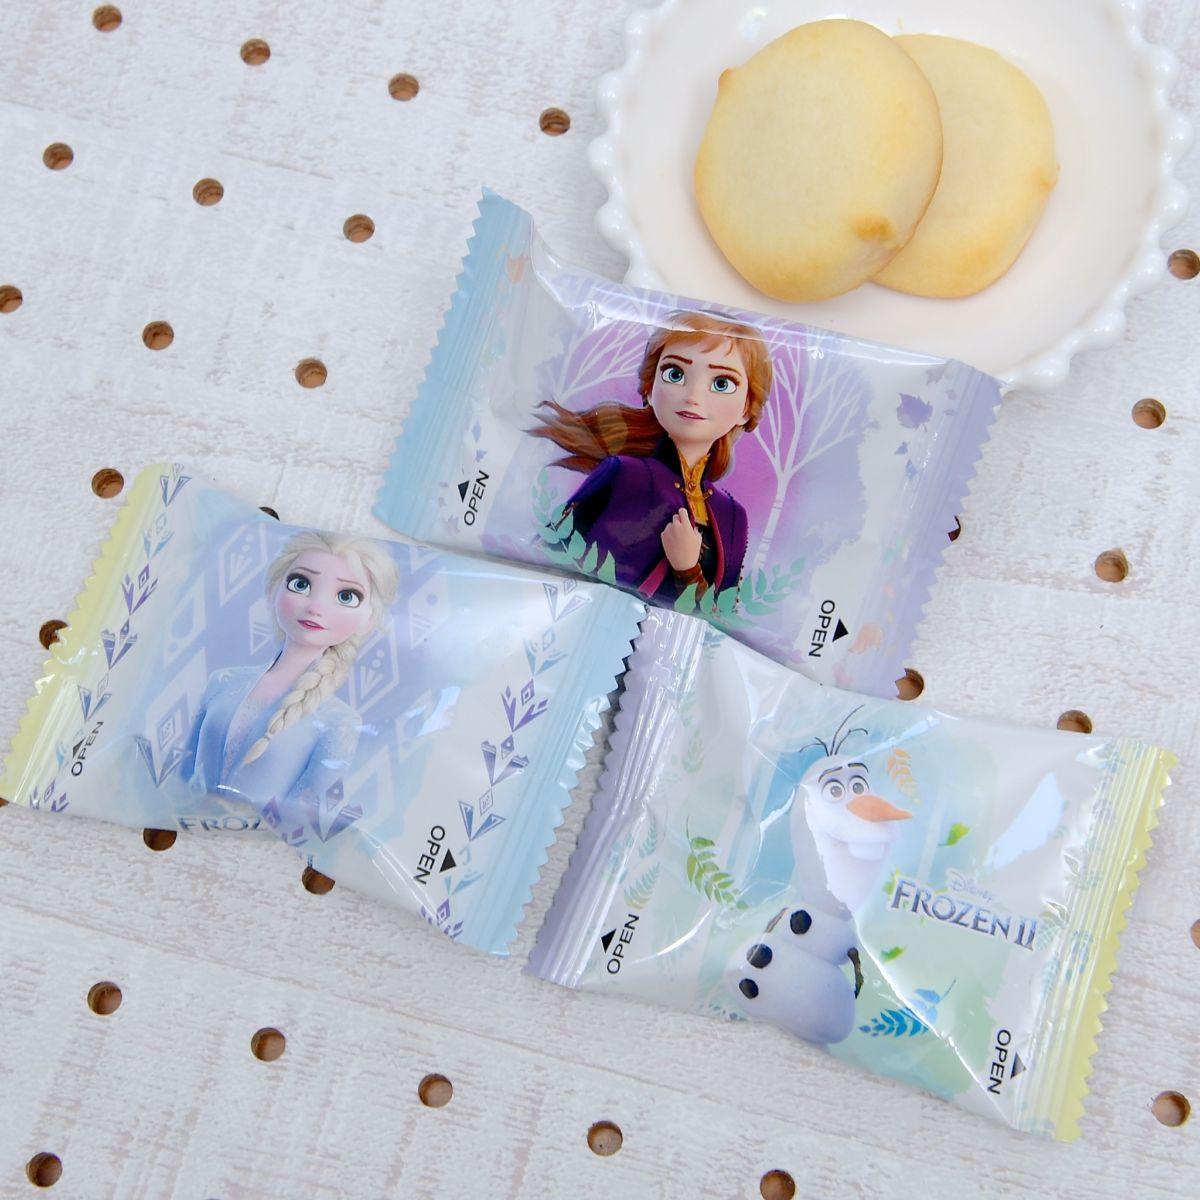 ブルボン ソフトクッキー アナと雪の女王 個包装